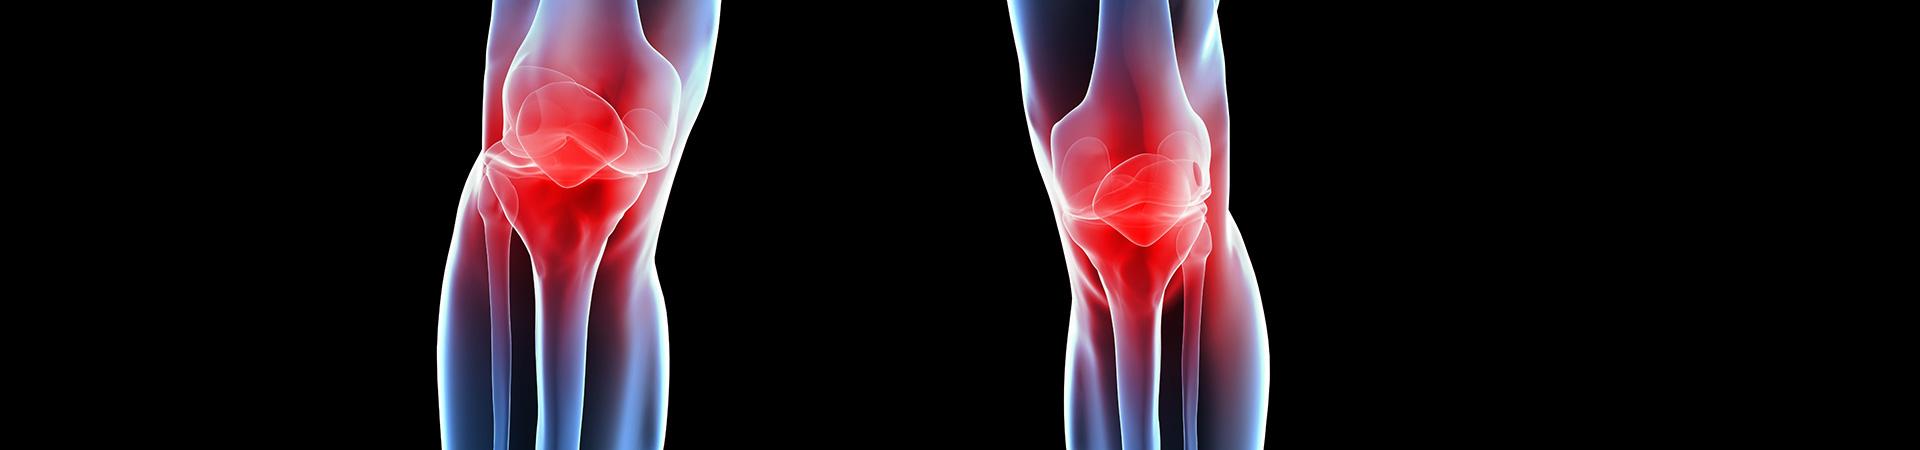 Osteoarthritis Kennesaw, GA